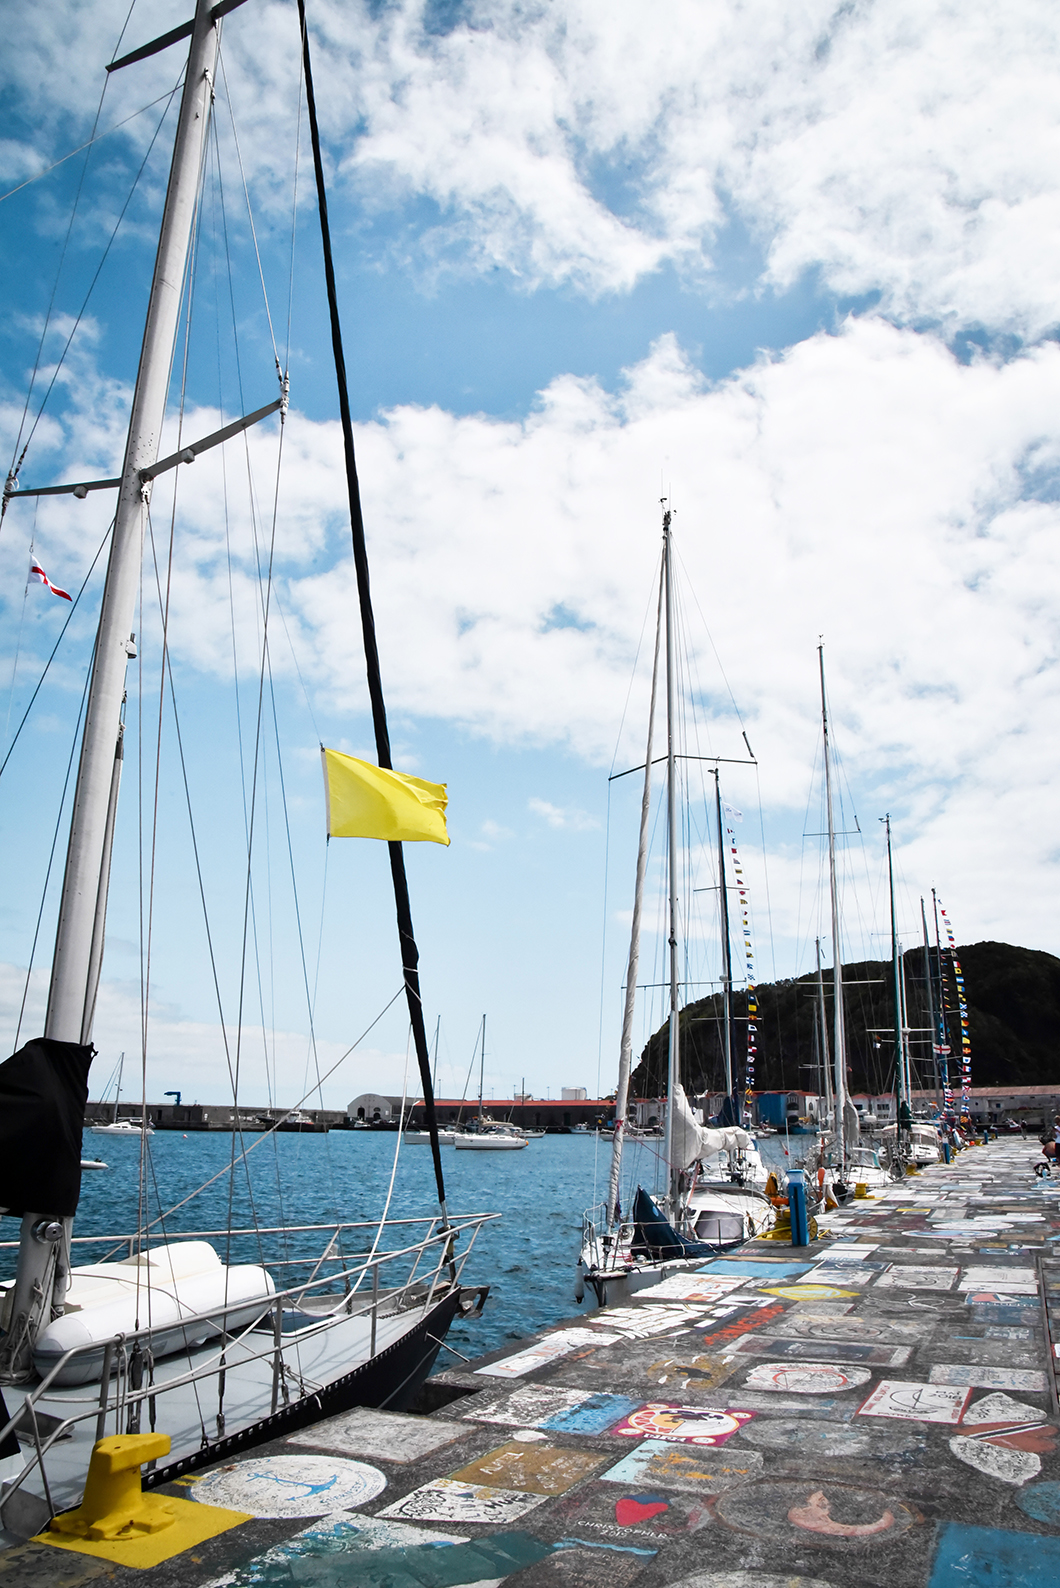 Les bateau de la Marina de Horta à Faial dans les Açores